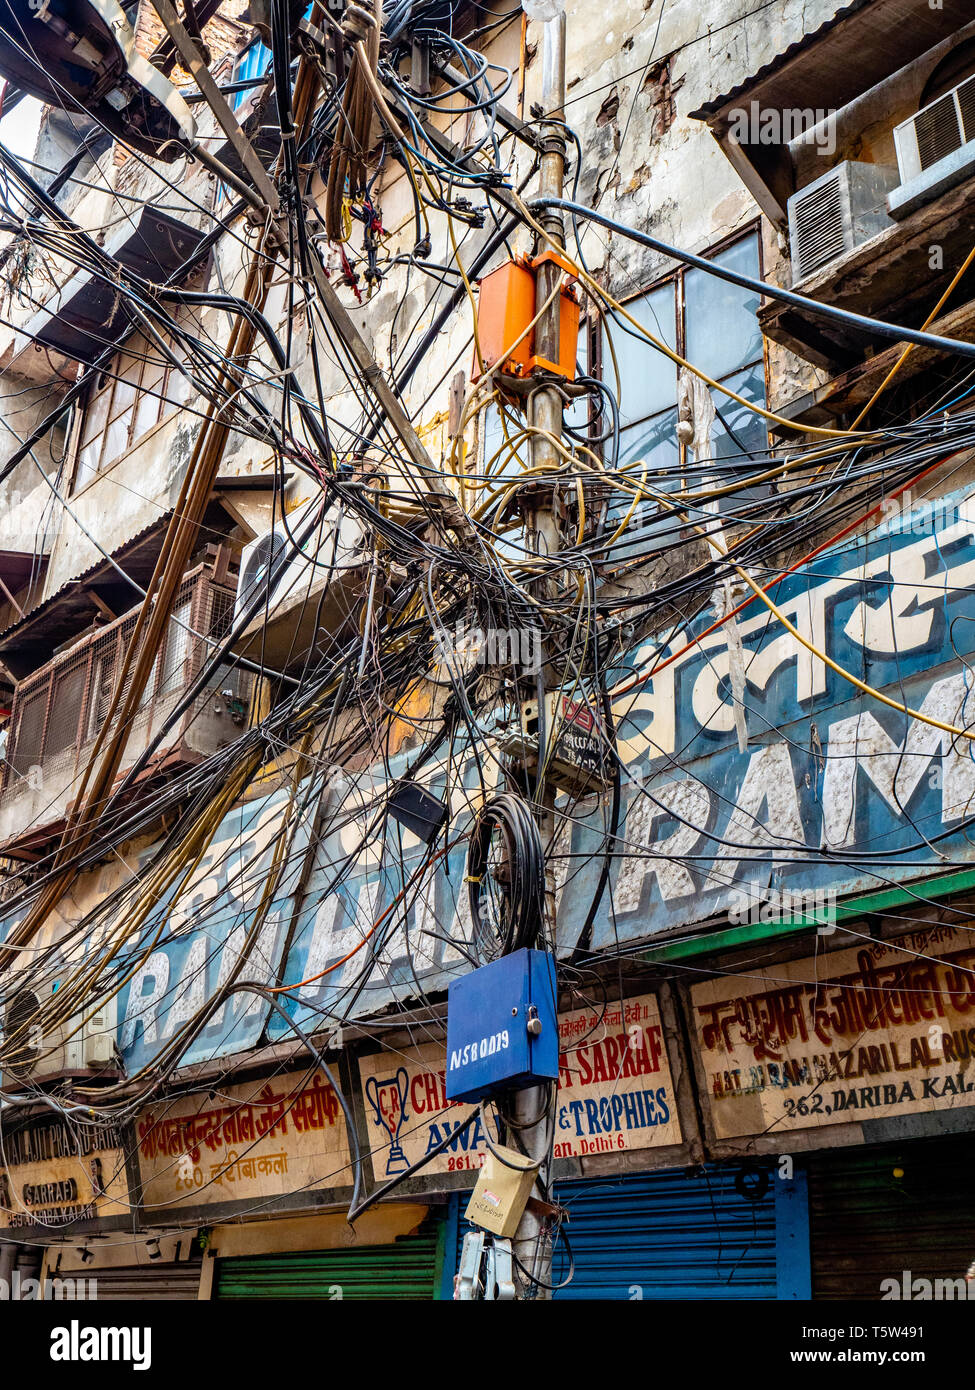 Caotico groviglio di fili per illuminazione stradale le forniture di elettricità e i cavi telefonici in una strada della città vecchia di Delhi India del Nord Immagini Stock